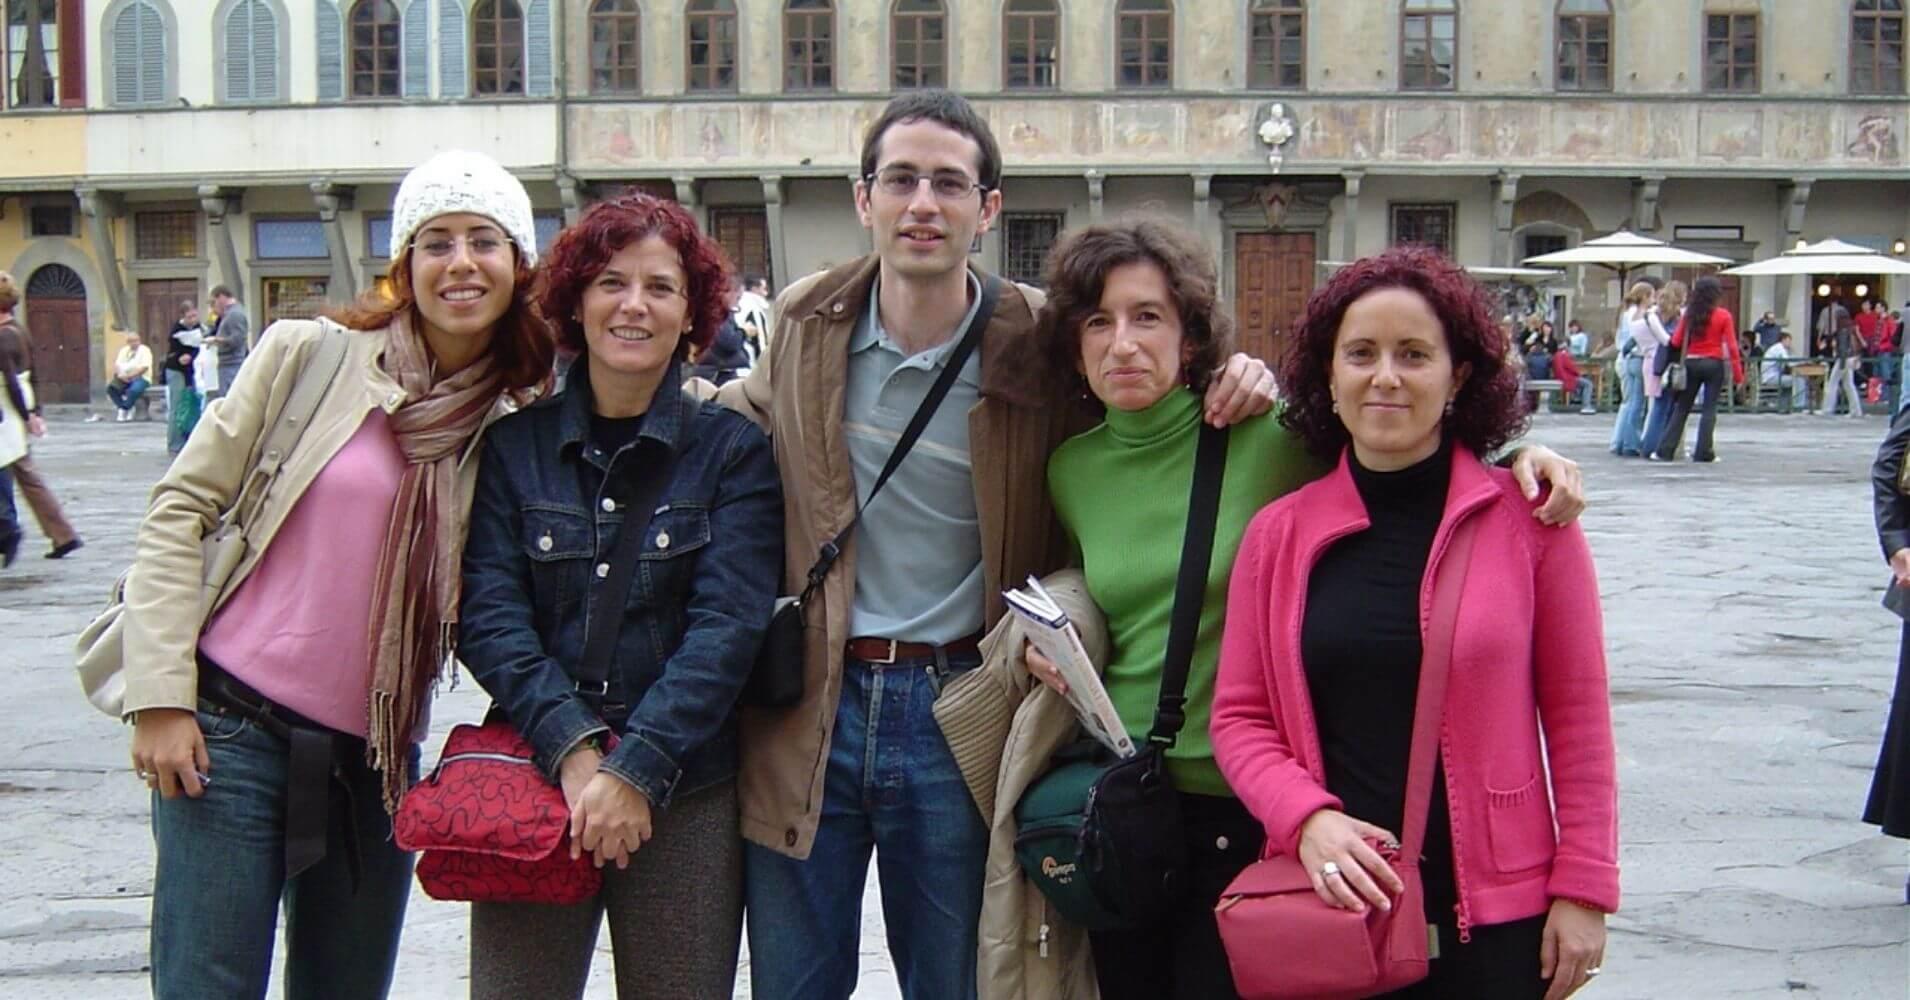 Todos en la Plaza San Croce. Florencia. Toscana, Italia.